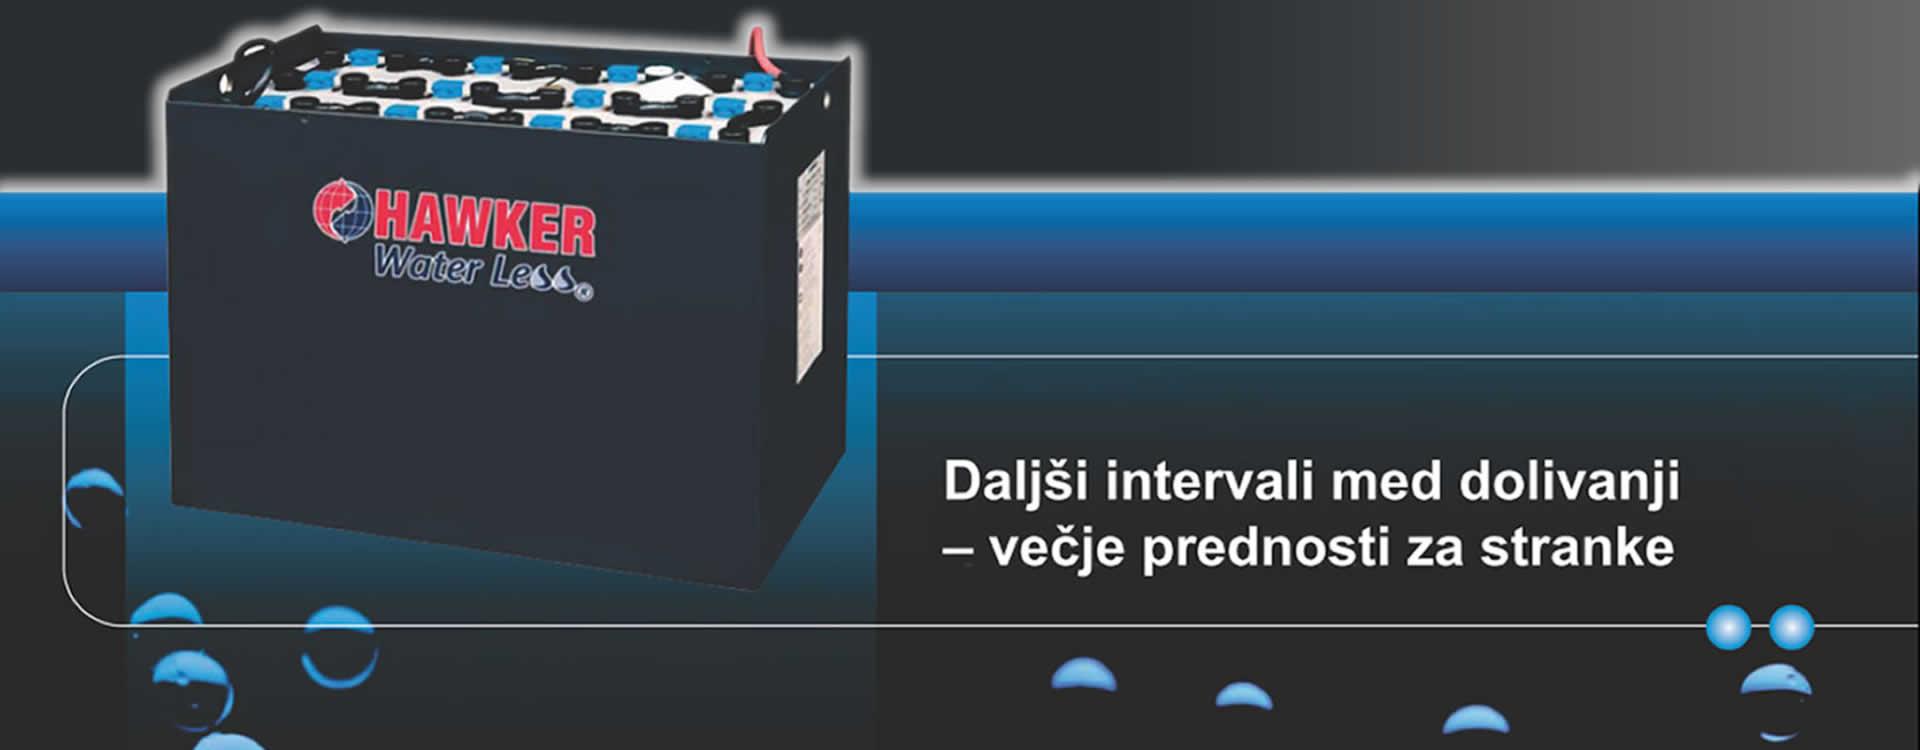 Trakcijske-baterija-slider